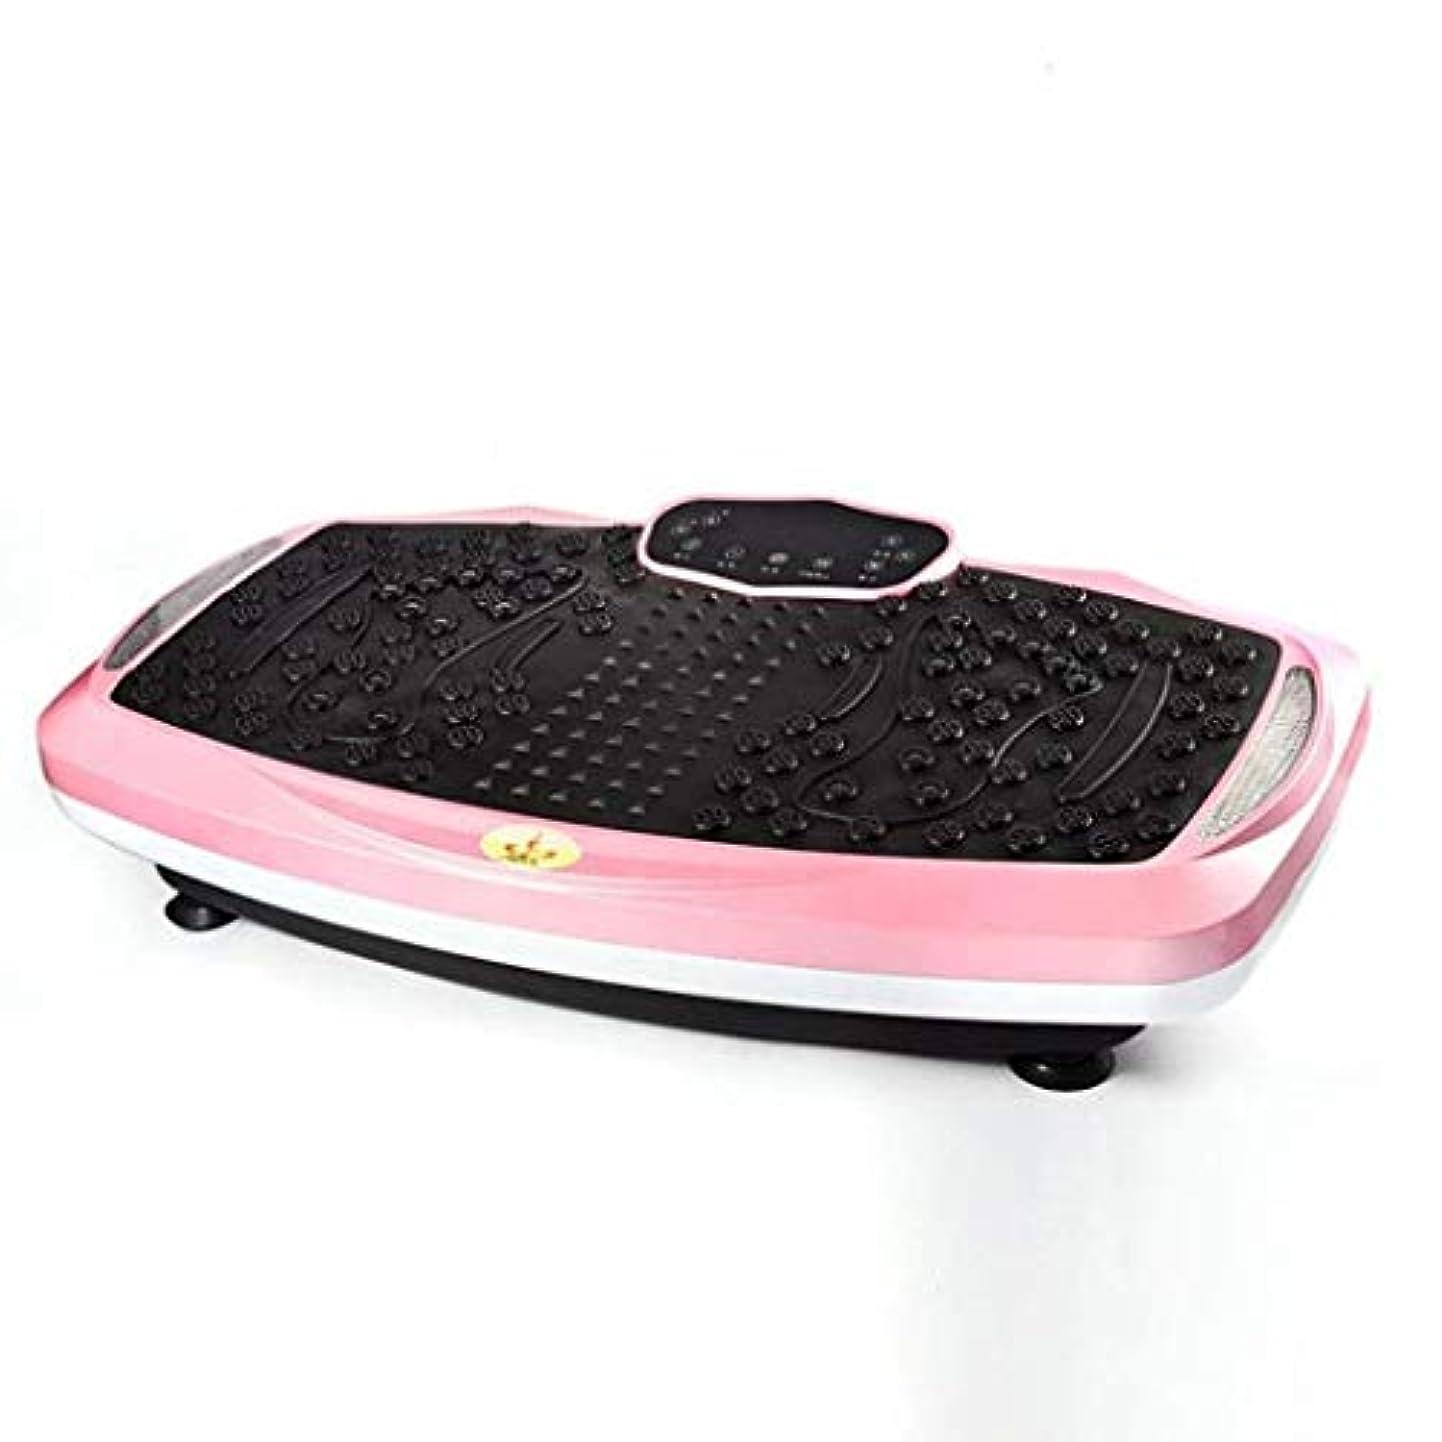 心配する純度電気技師家庭用減量装置、フィットネス振動トレーナー、Bluetooth音楽スピーカーを装備、全身振動マッサージボード、ユニセックス、余分な脂肪を減らす (Color : Rose pink)